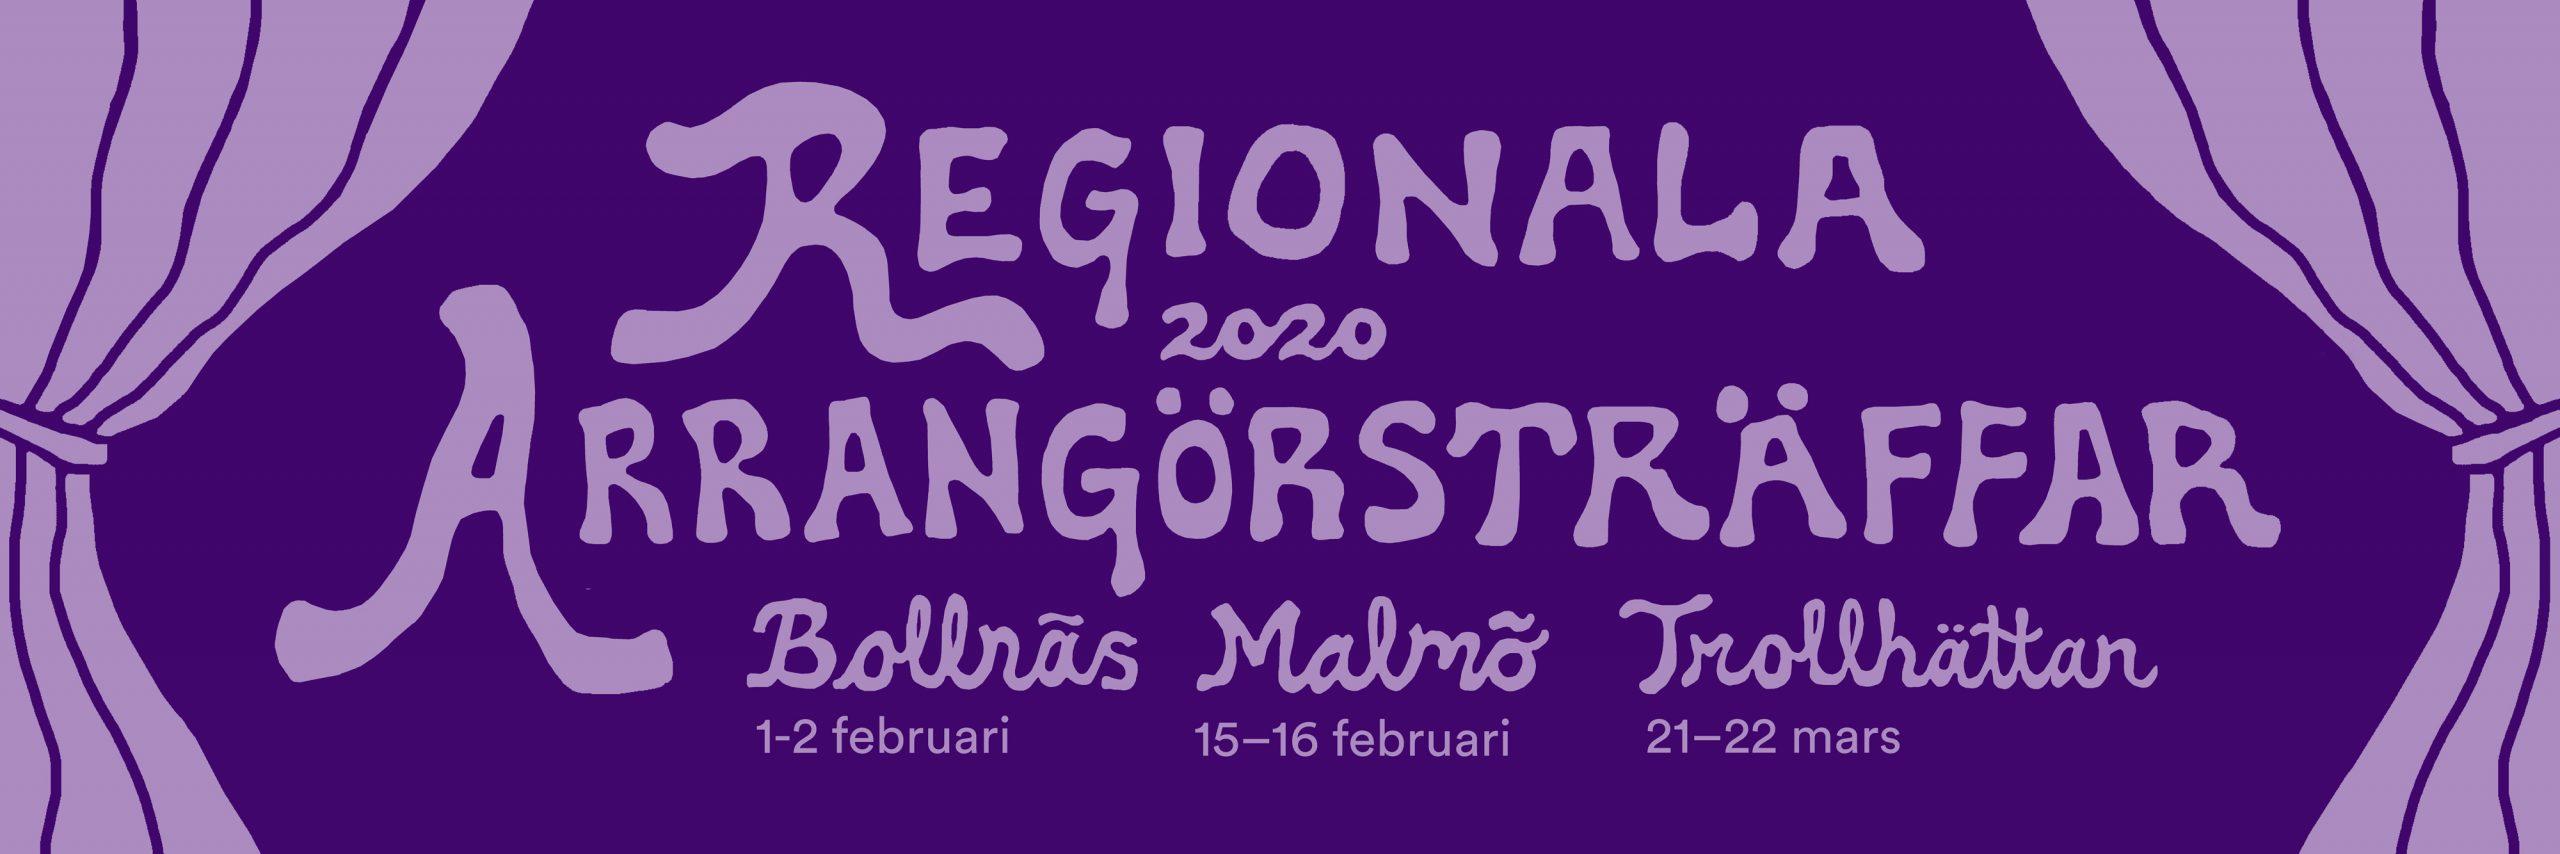 Regionala arrangörsträffar 2020